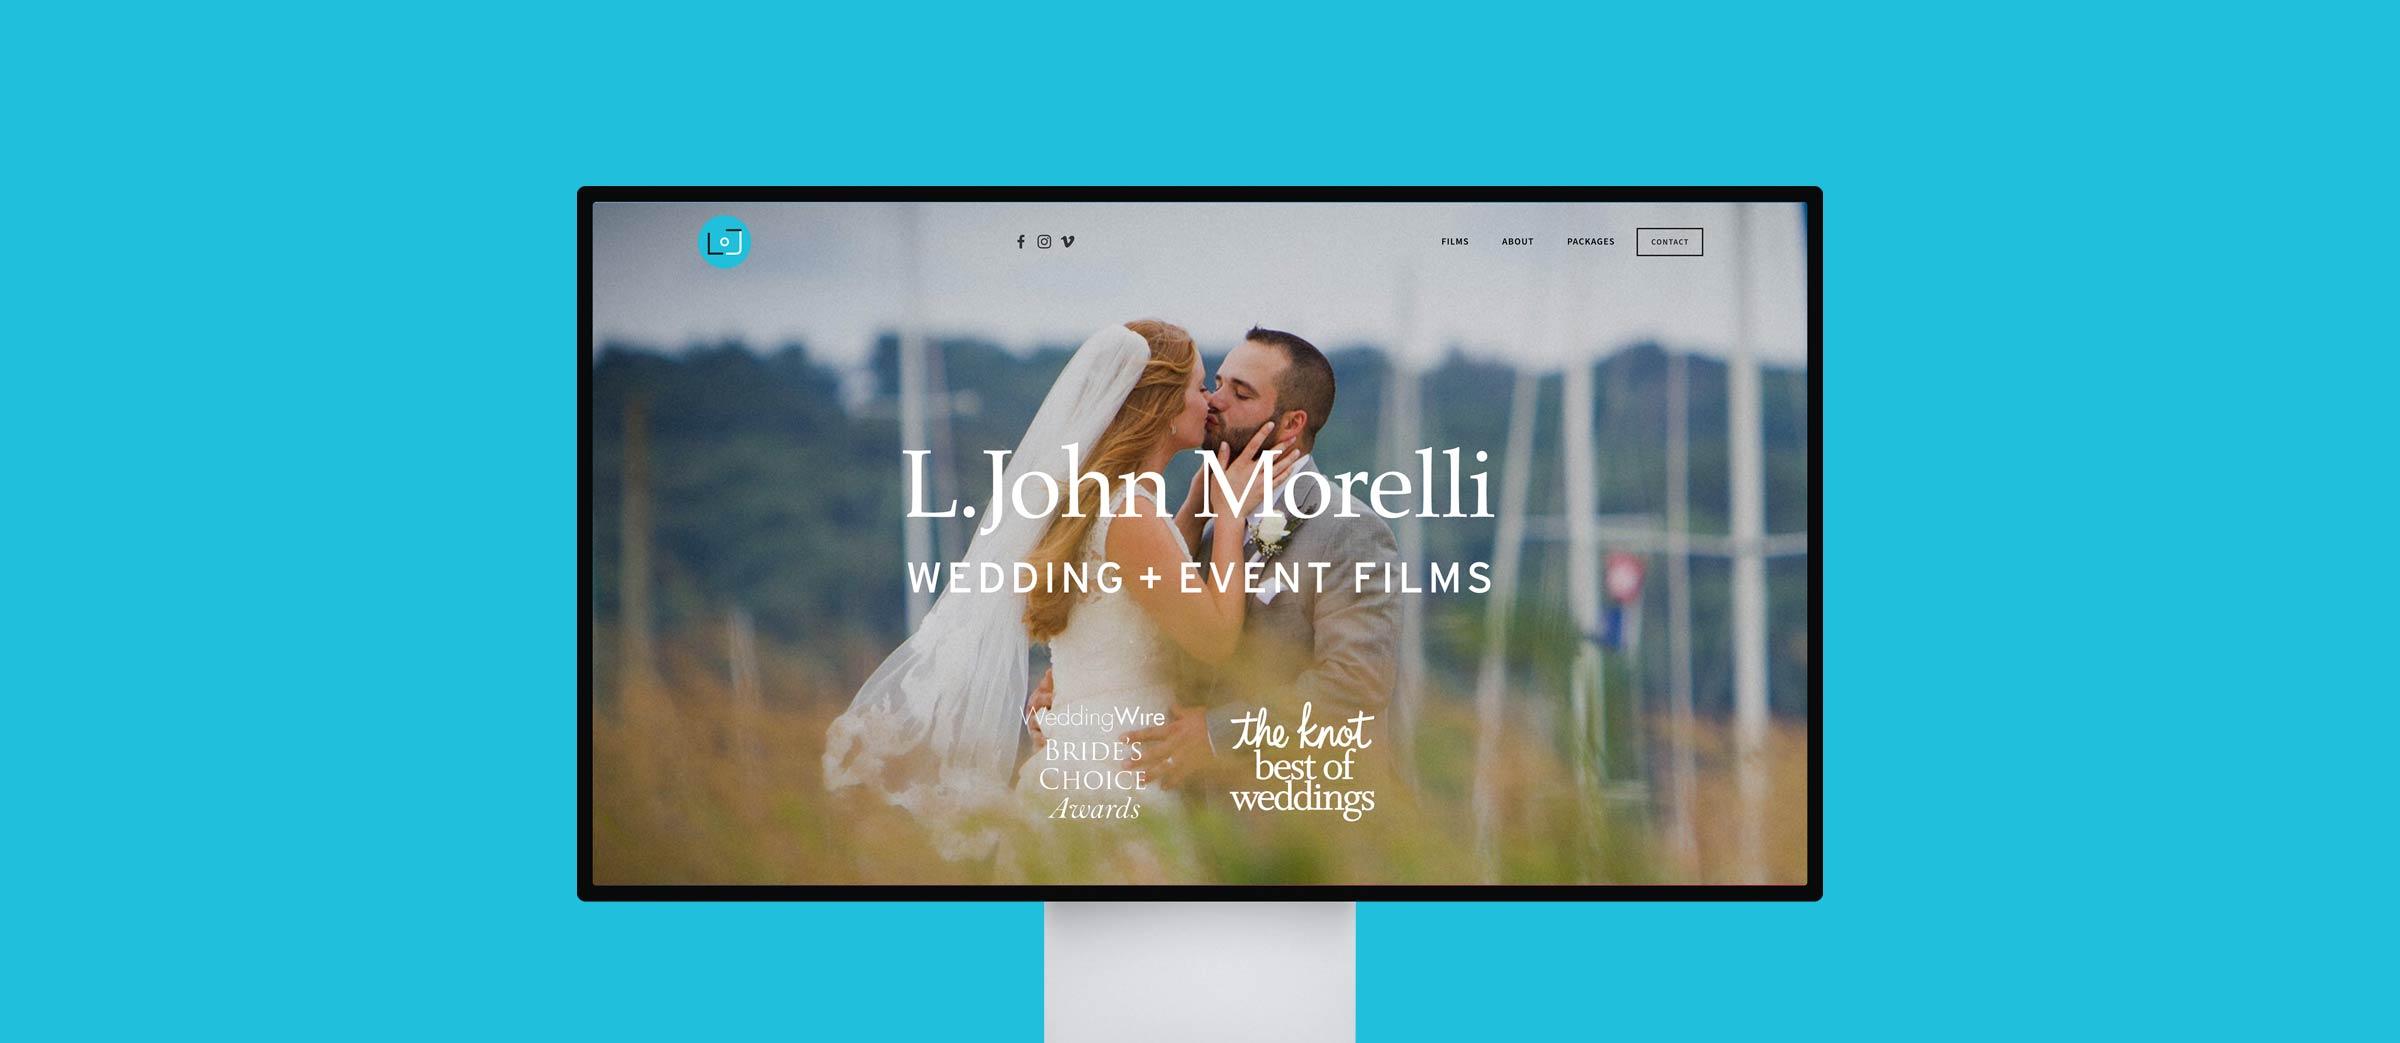 L John Morelli Title Card Image